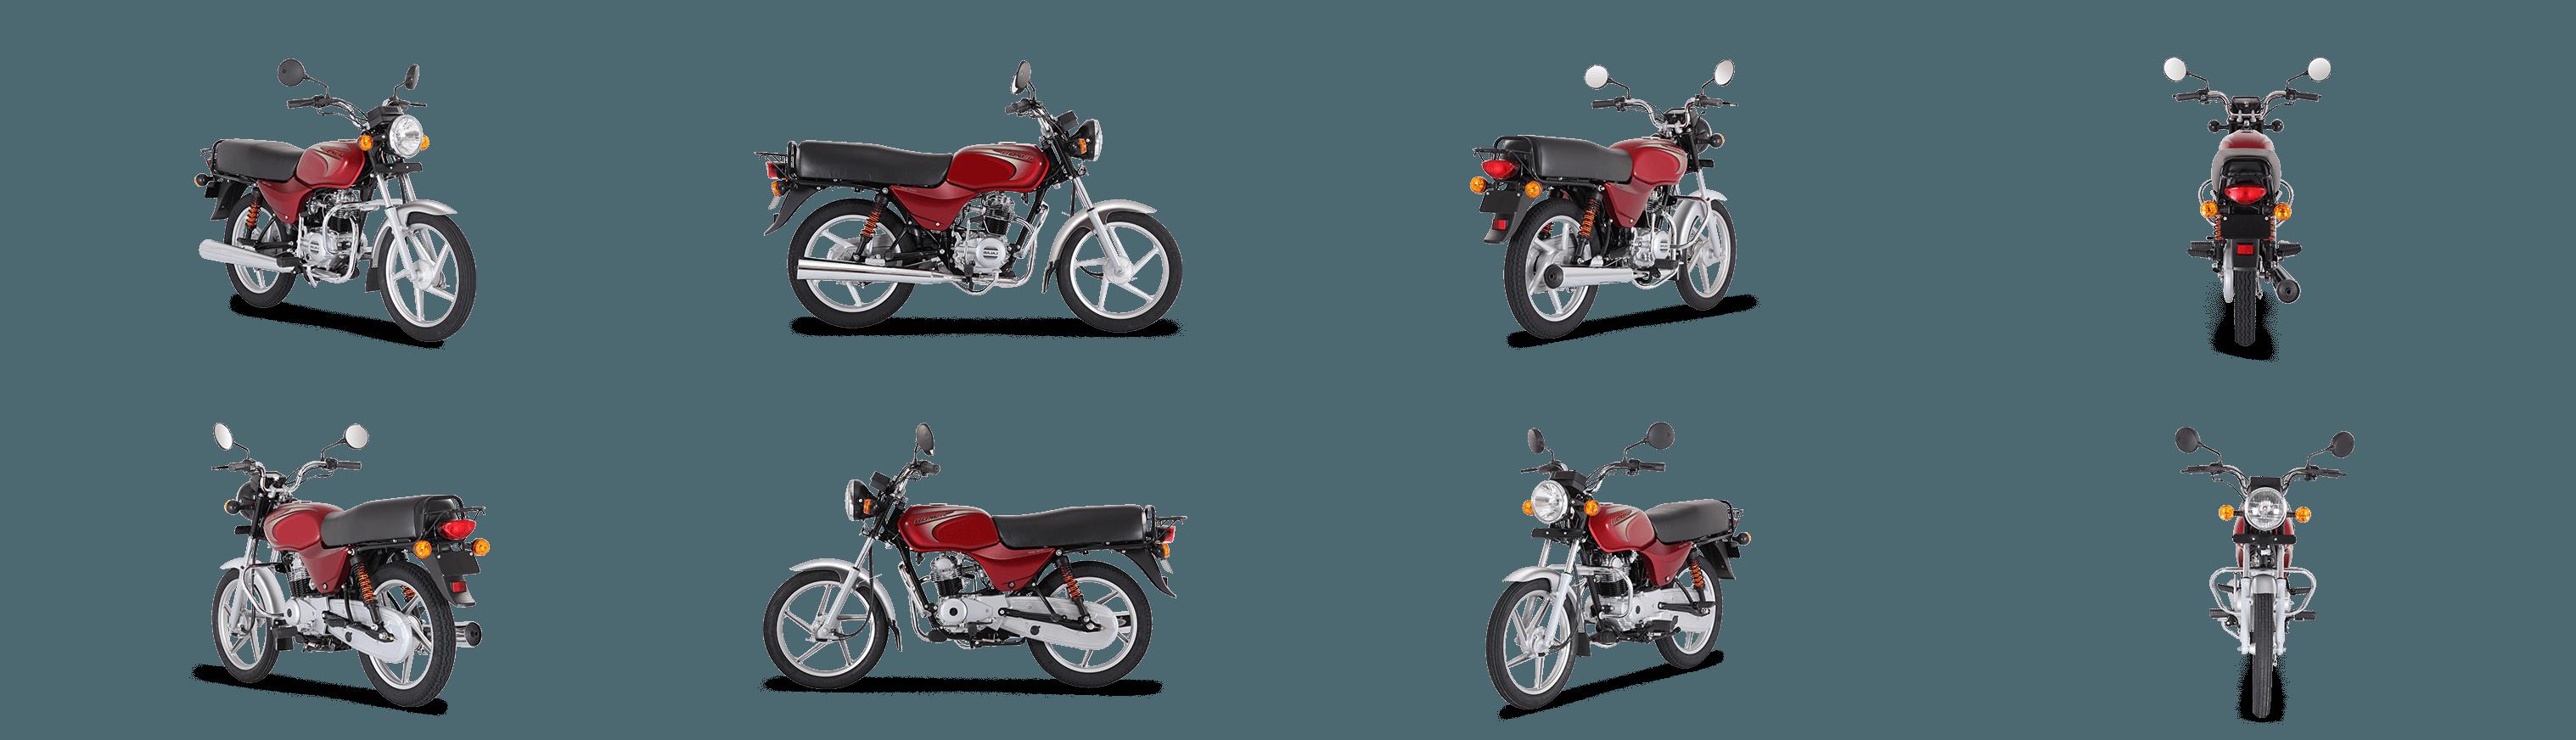 Bajaj Boxer Engine Diagram Data Wiring Diagrams Kawasaki Ct 100 Owners Manual Motors 2014 Flat Six Design